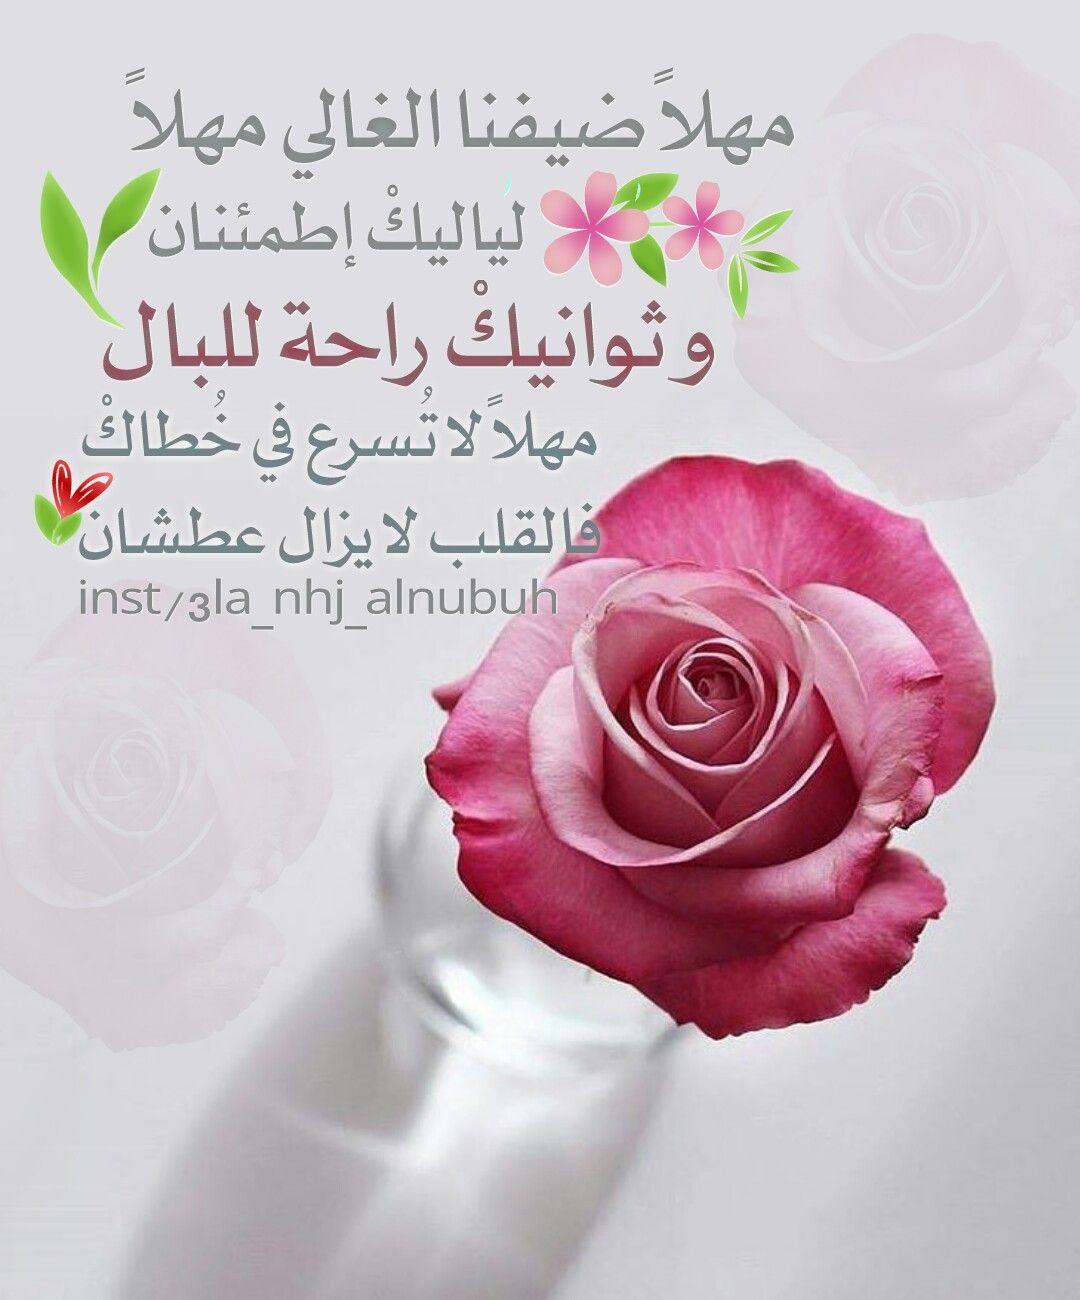 مهلا ضيفنا الغالي مهلا لياليك إطمئنان و ثوانيك راحة للبال مهلا لا ت سرع في خ طاك فالقلب لا يزال عطشان Ramadan Rose Flowers